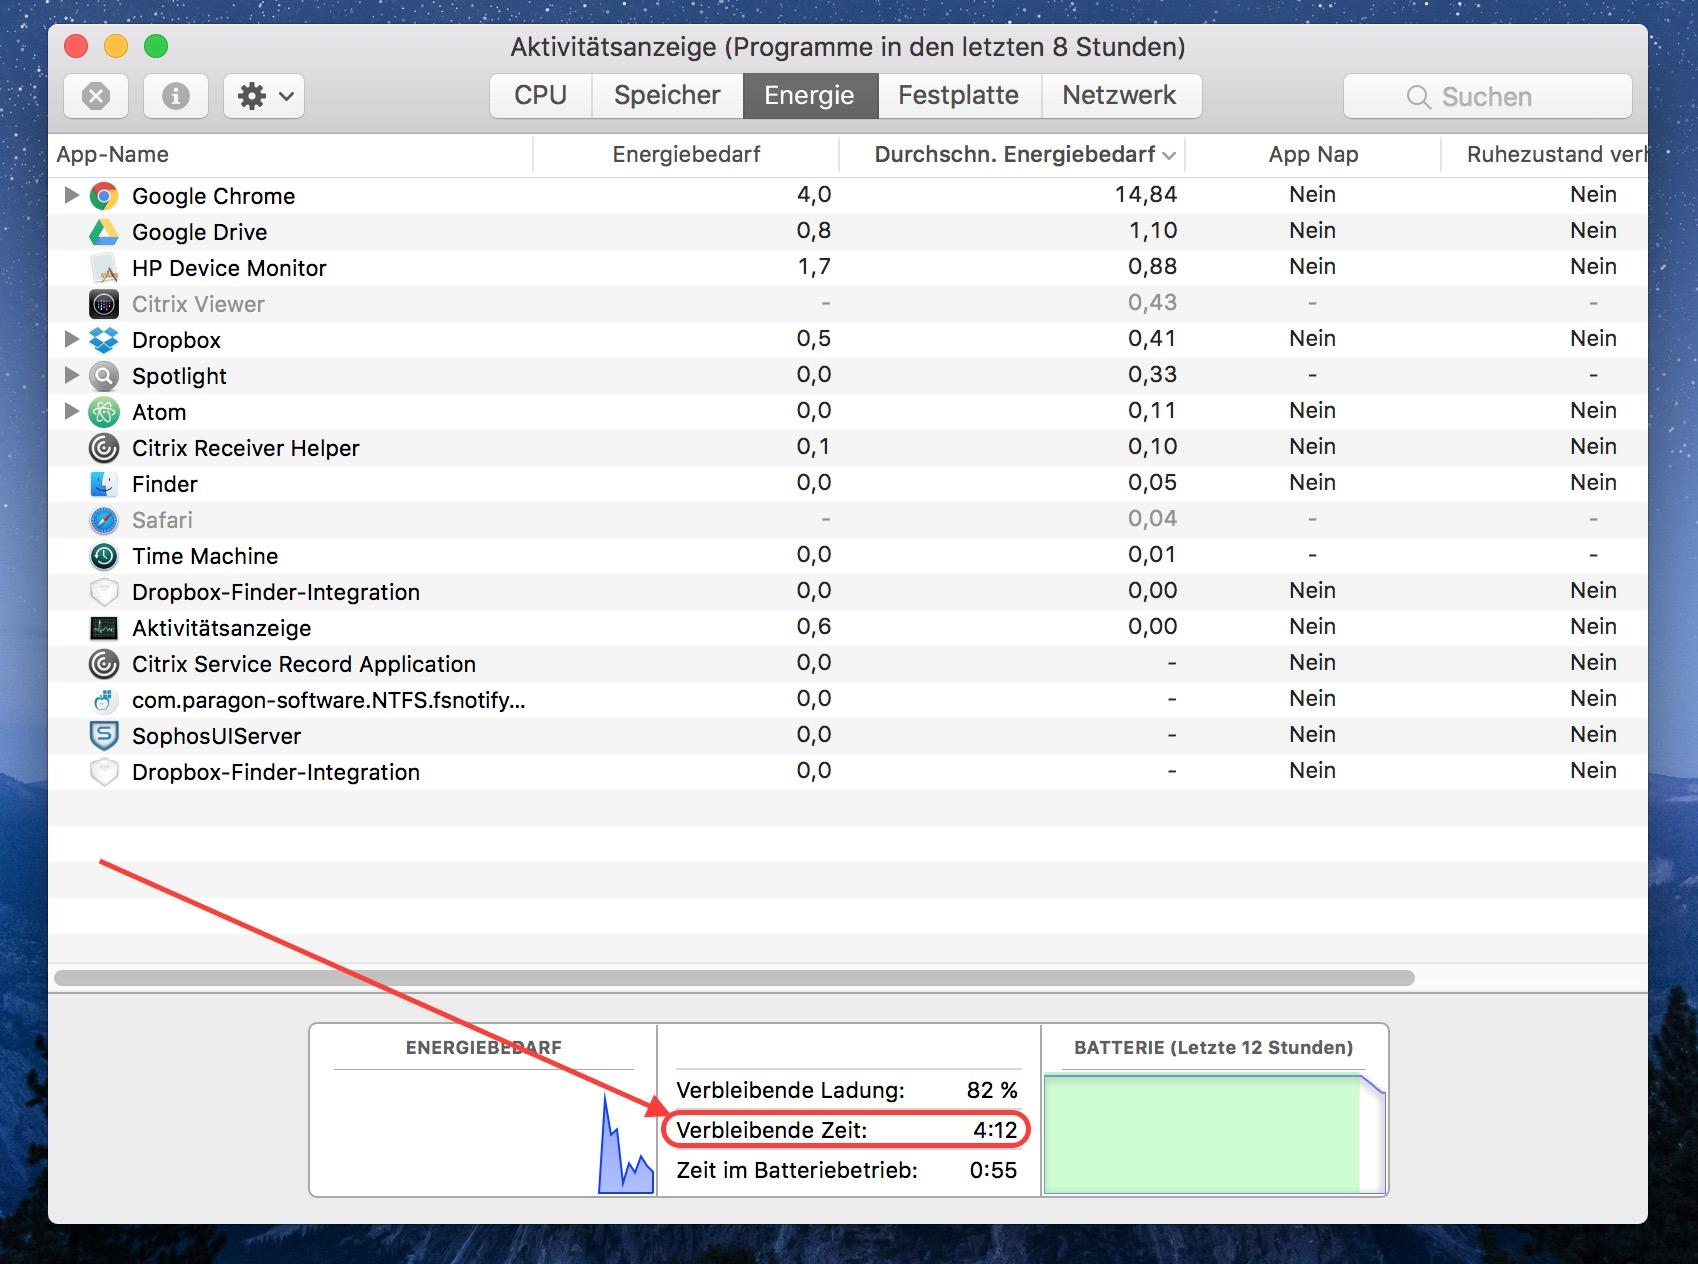 macOS Akkurestlaufzeit ermitteln